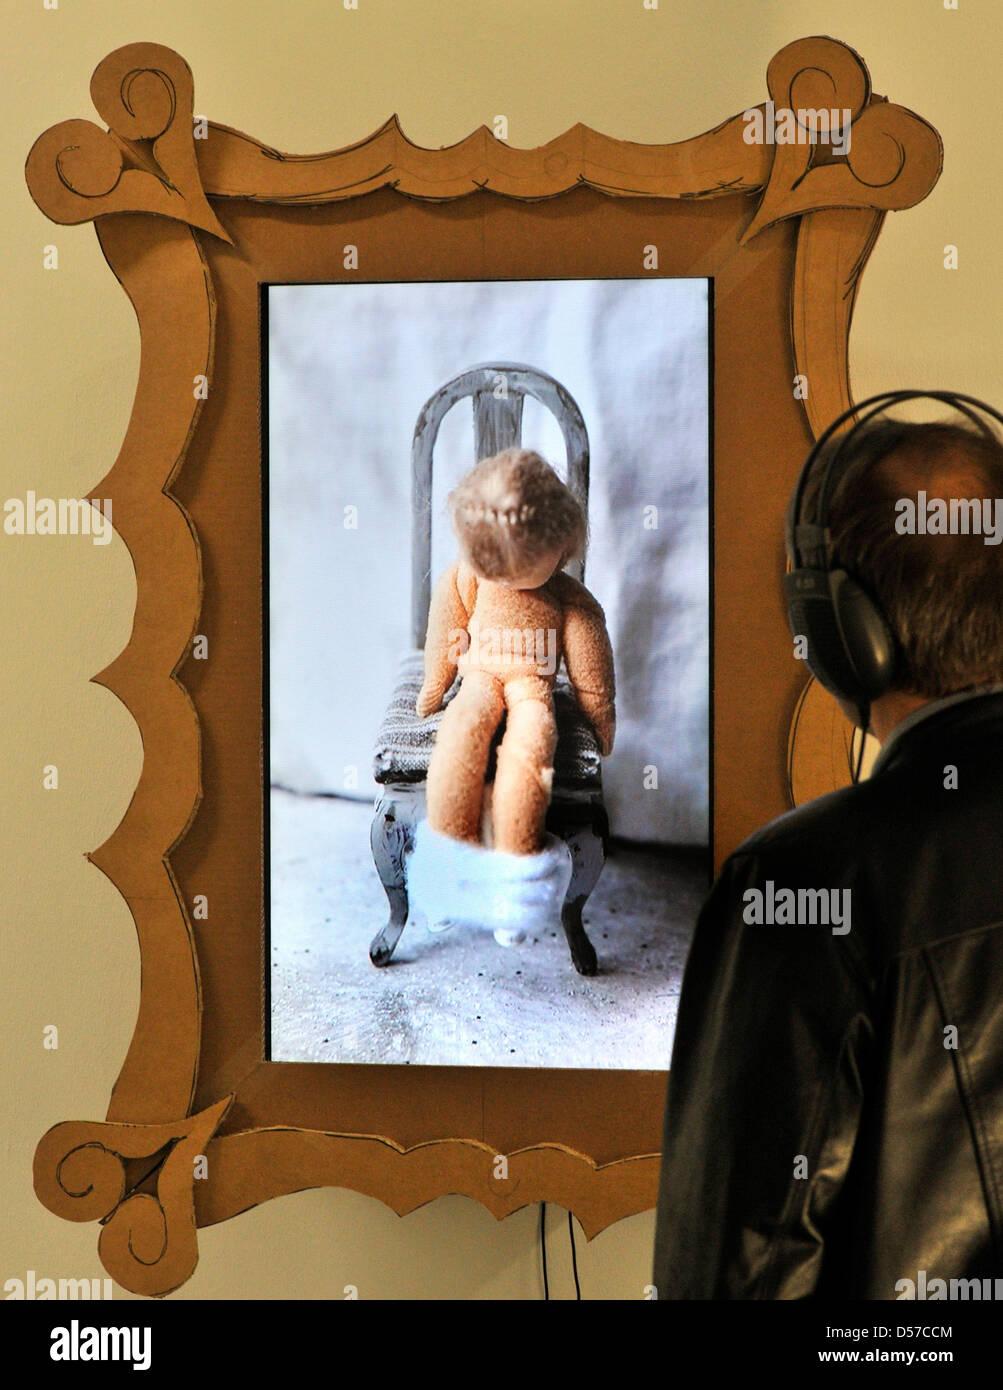 Un uomo gli occhi l'installazione 'OGGETTI DA COLLEZIONE' (2009) dall'artista tedesco Katrin Jakobsen Immagini Stock